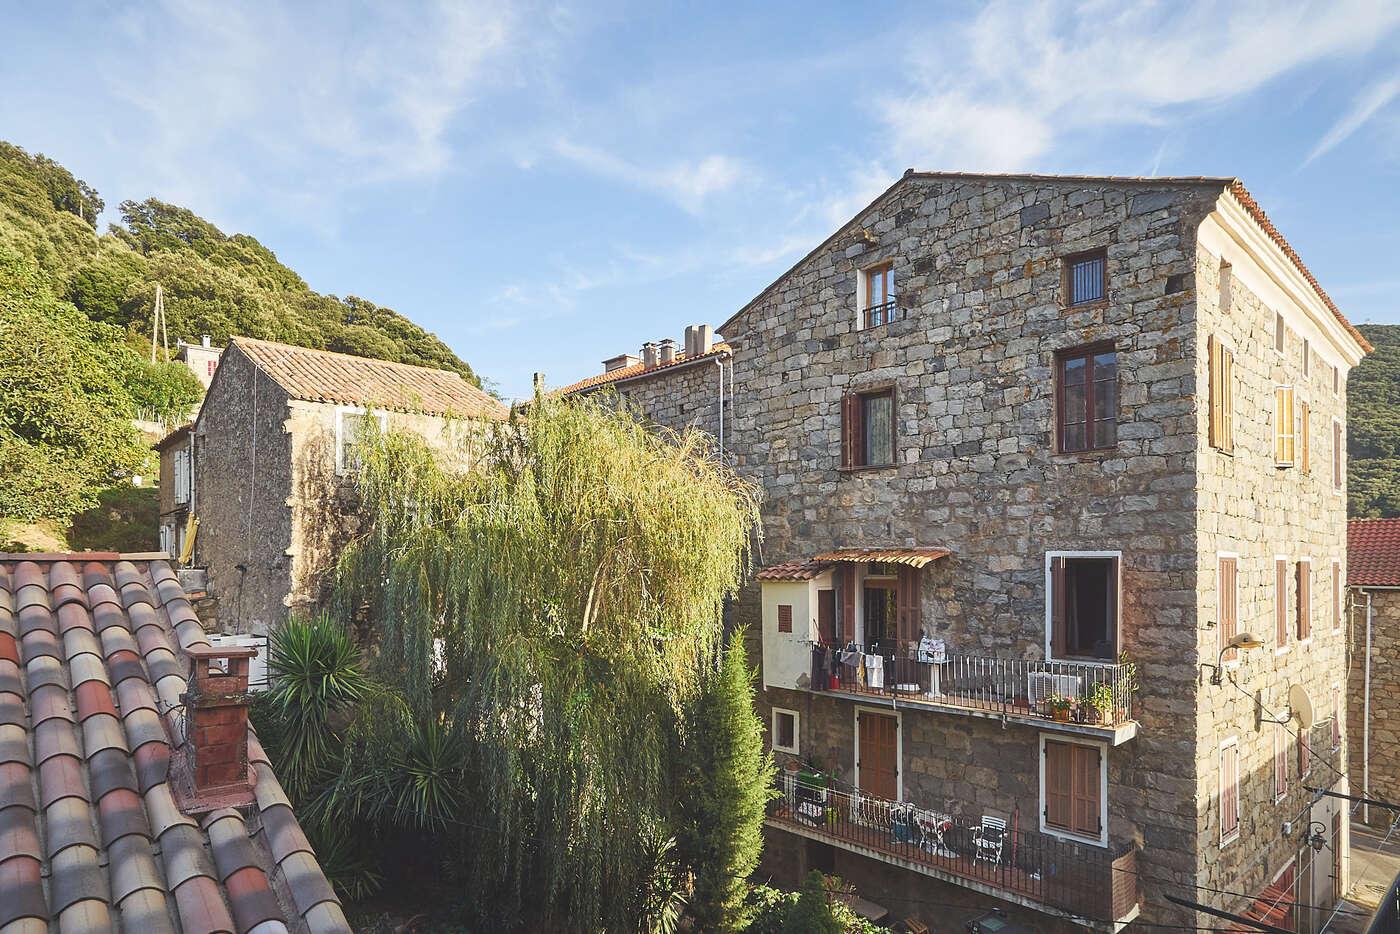 Toits de Sainte-Lucie-de-Tallano, en Corse